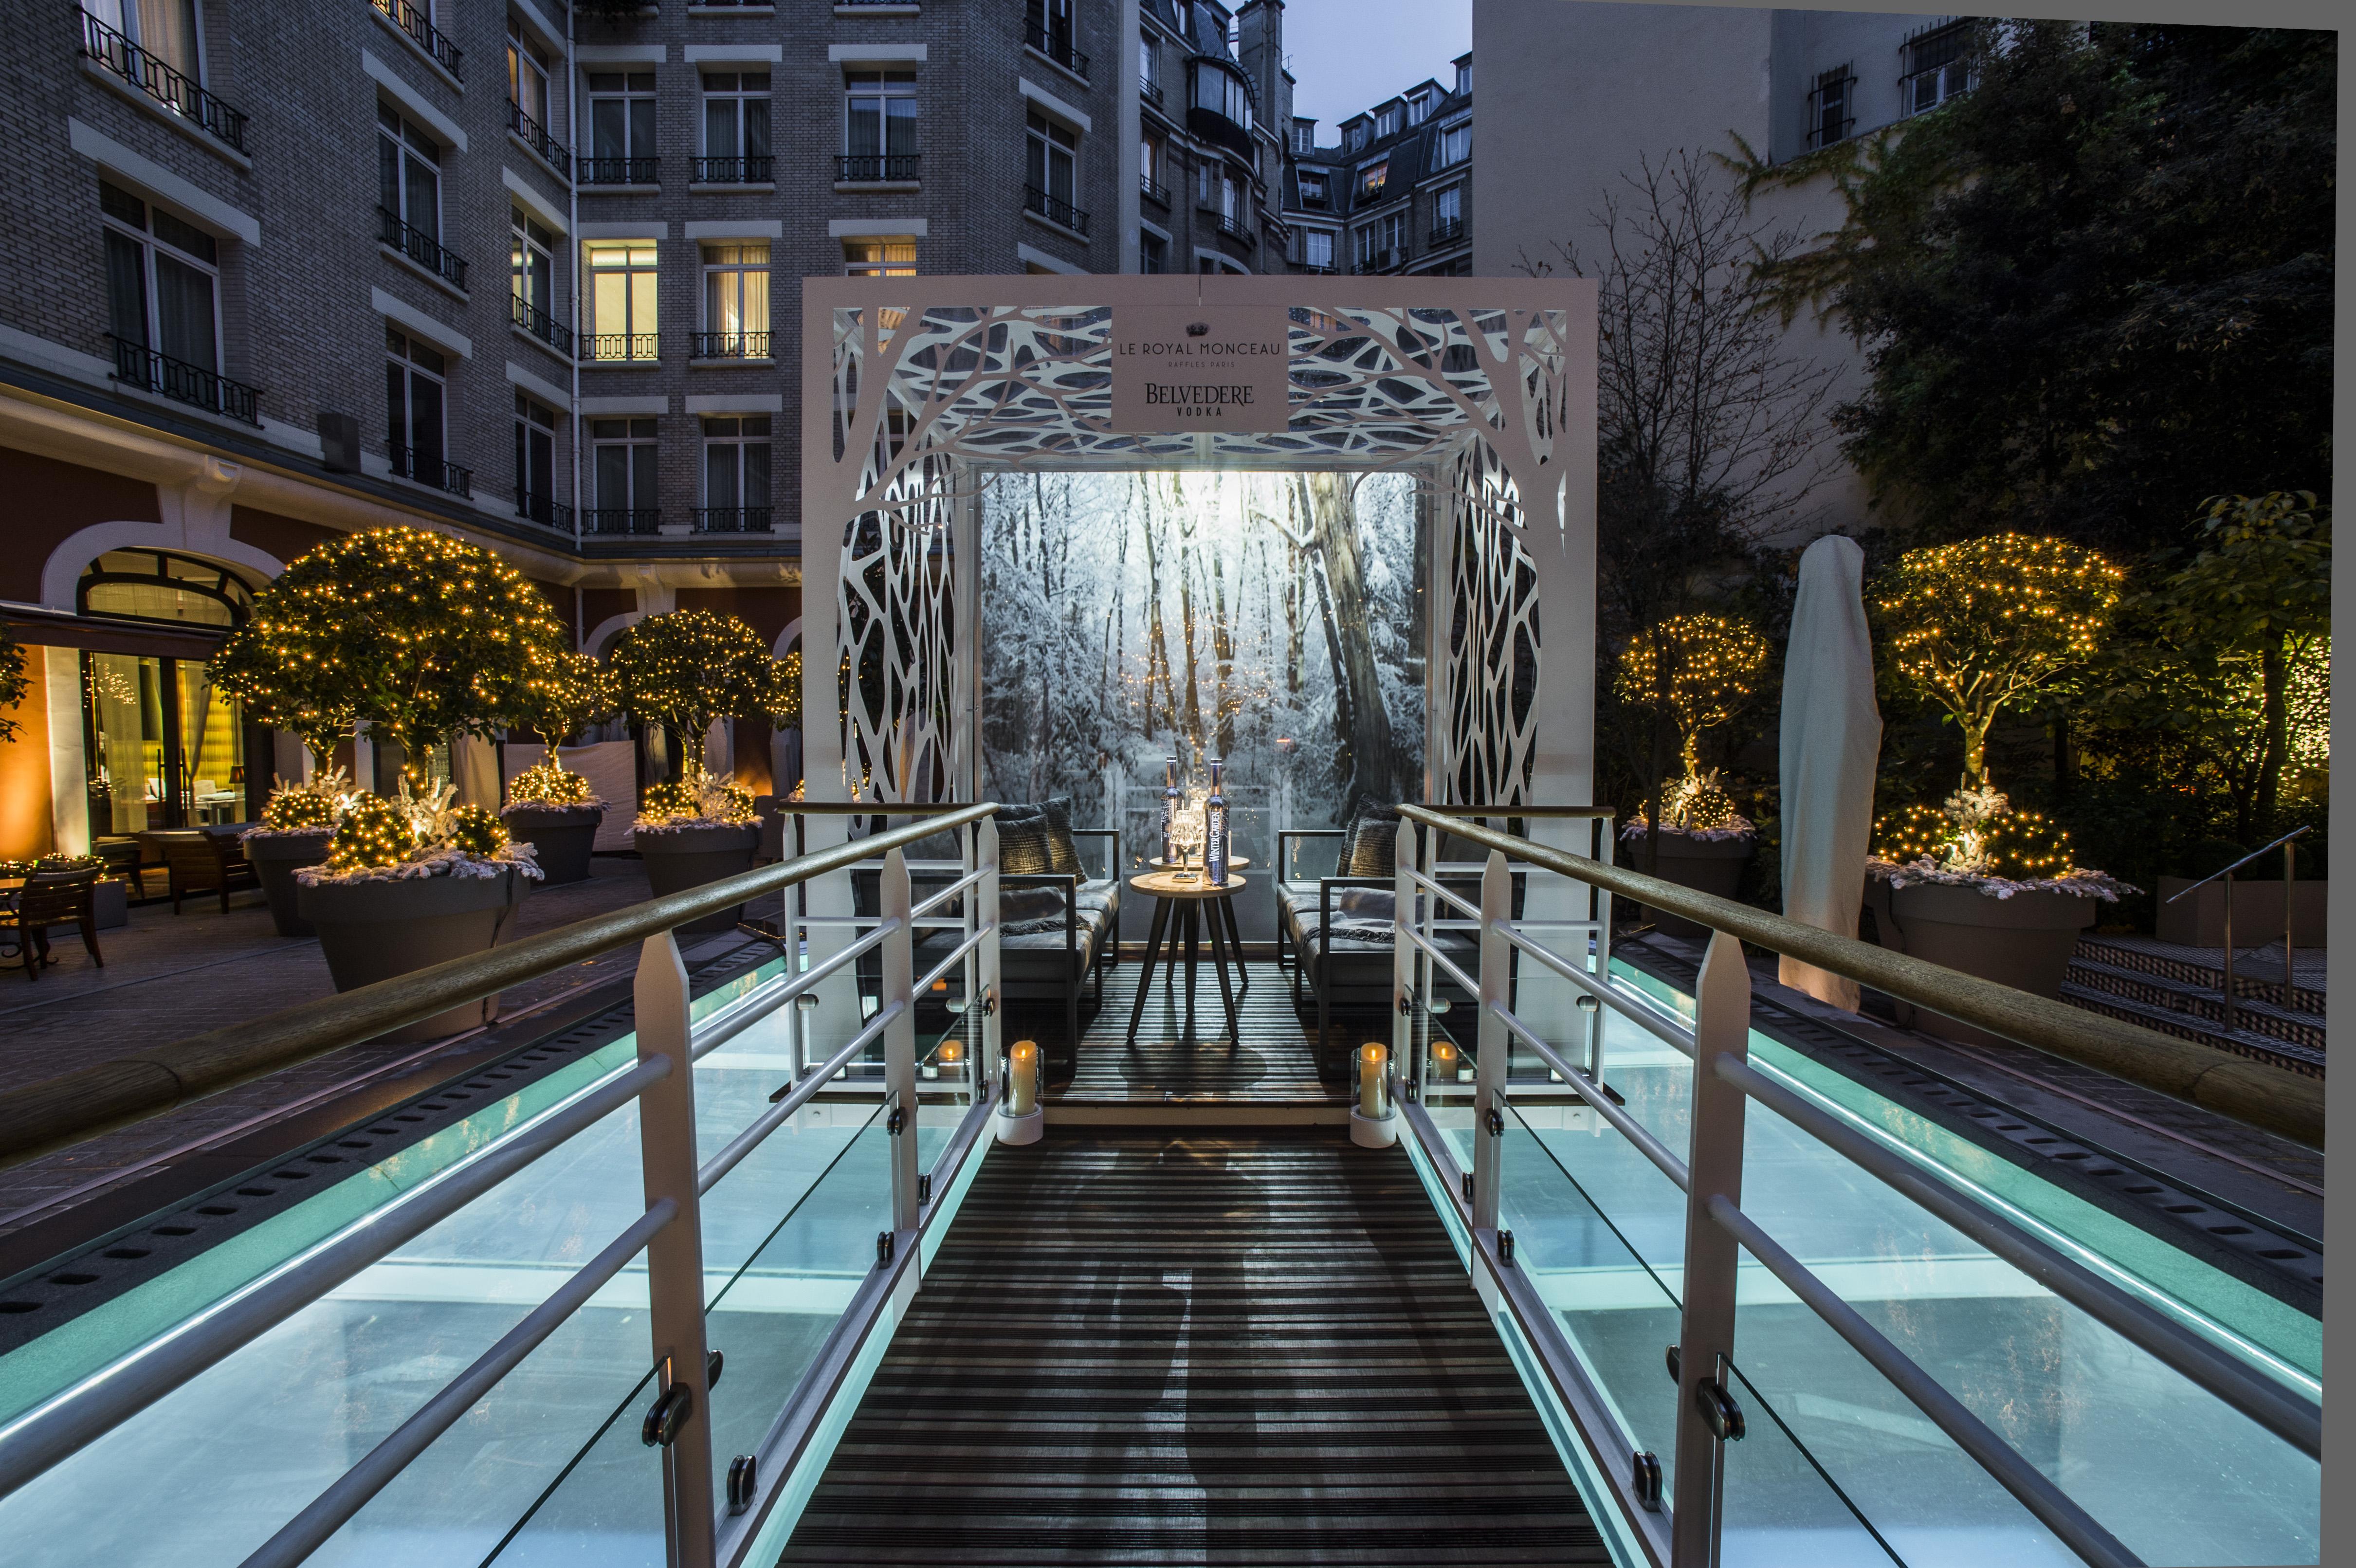 Mode archives luxsure for Restaurant le jardin royal monceau